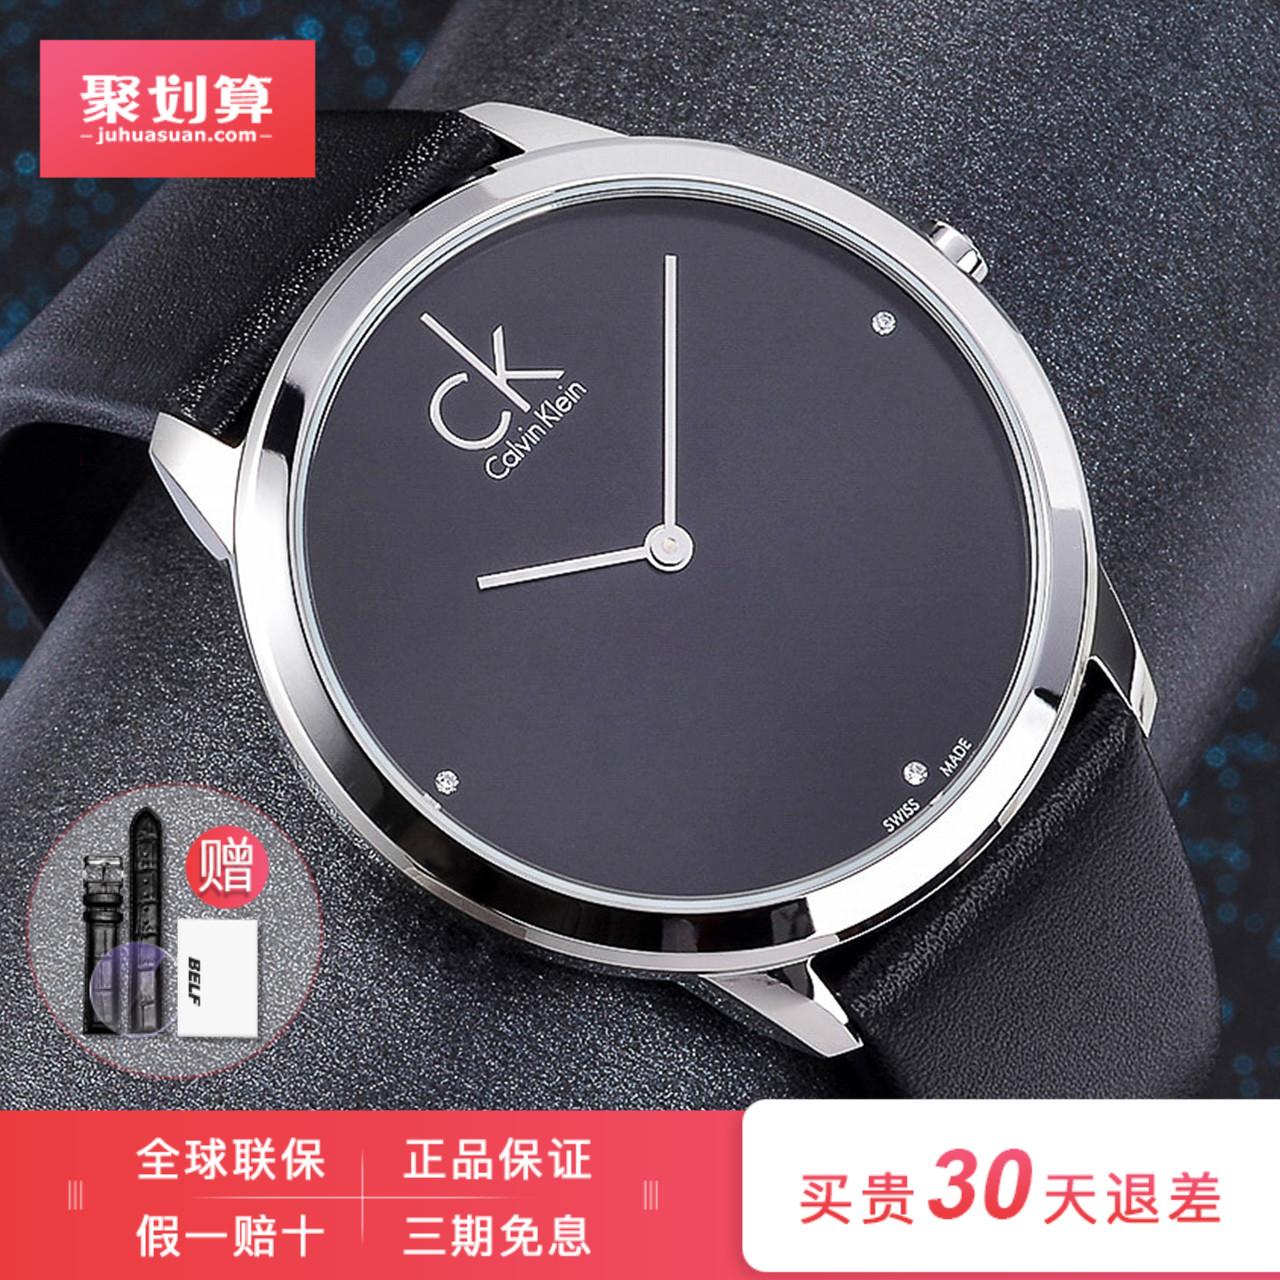 原装进口正品CK手表时尚简约休闲石英皮带防水女表K3M211CS